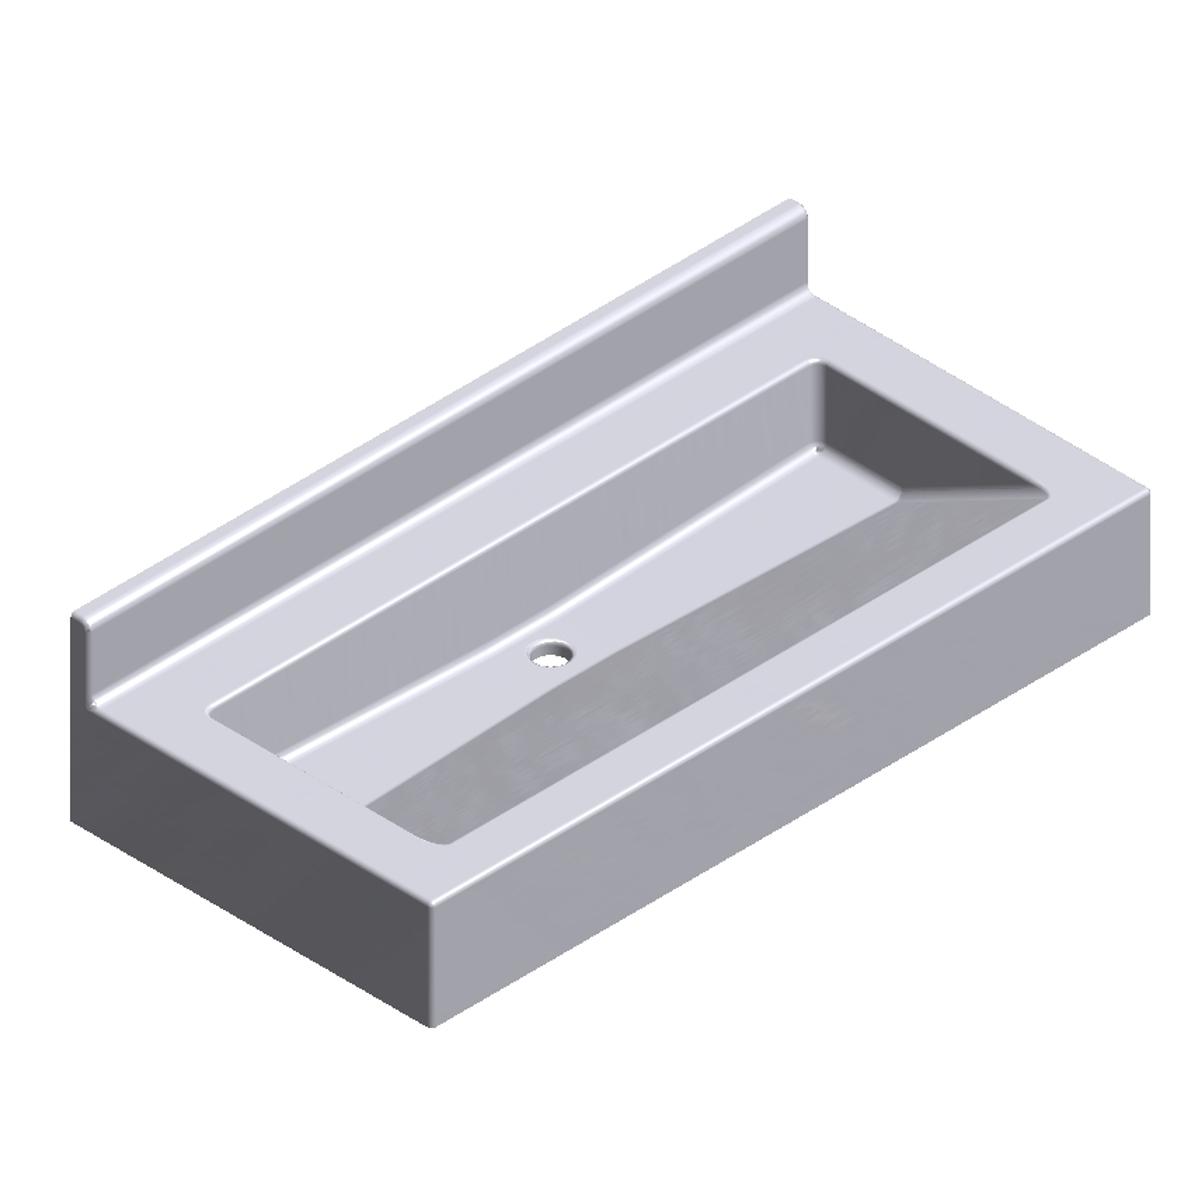 Lavabo Personne Mobilité Réduite lavabo collectif - auge pmr de face avec robinetterie sur